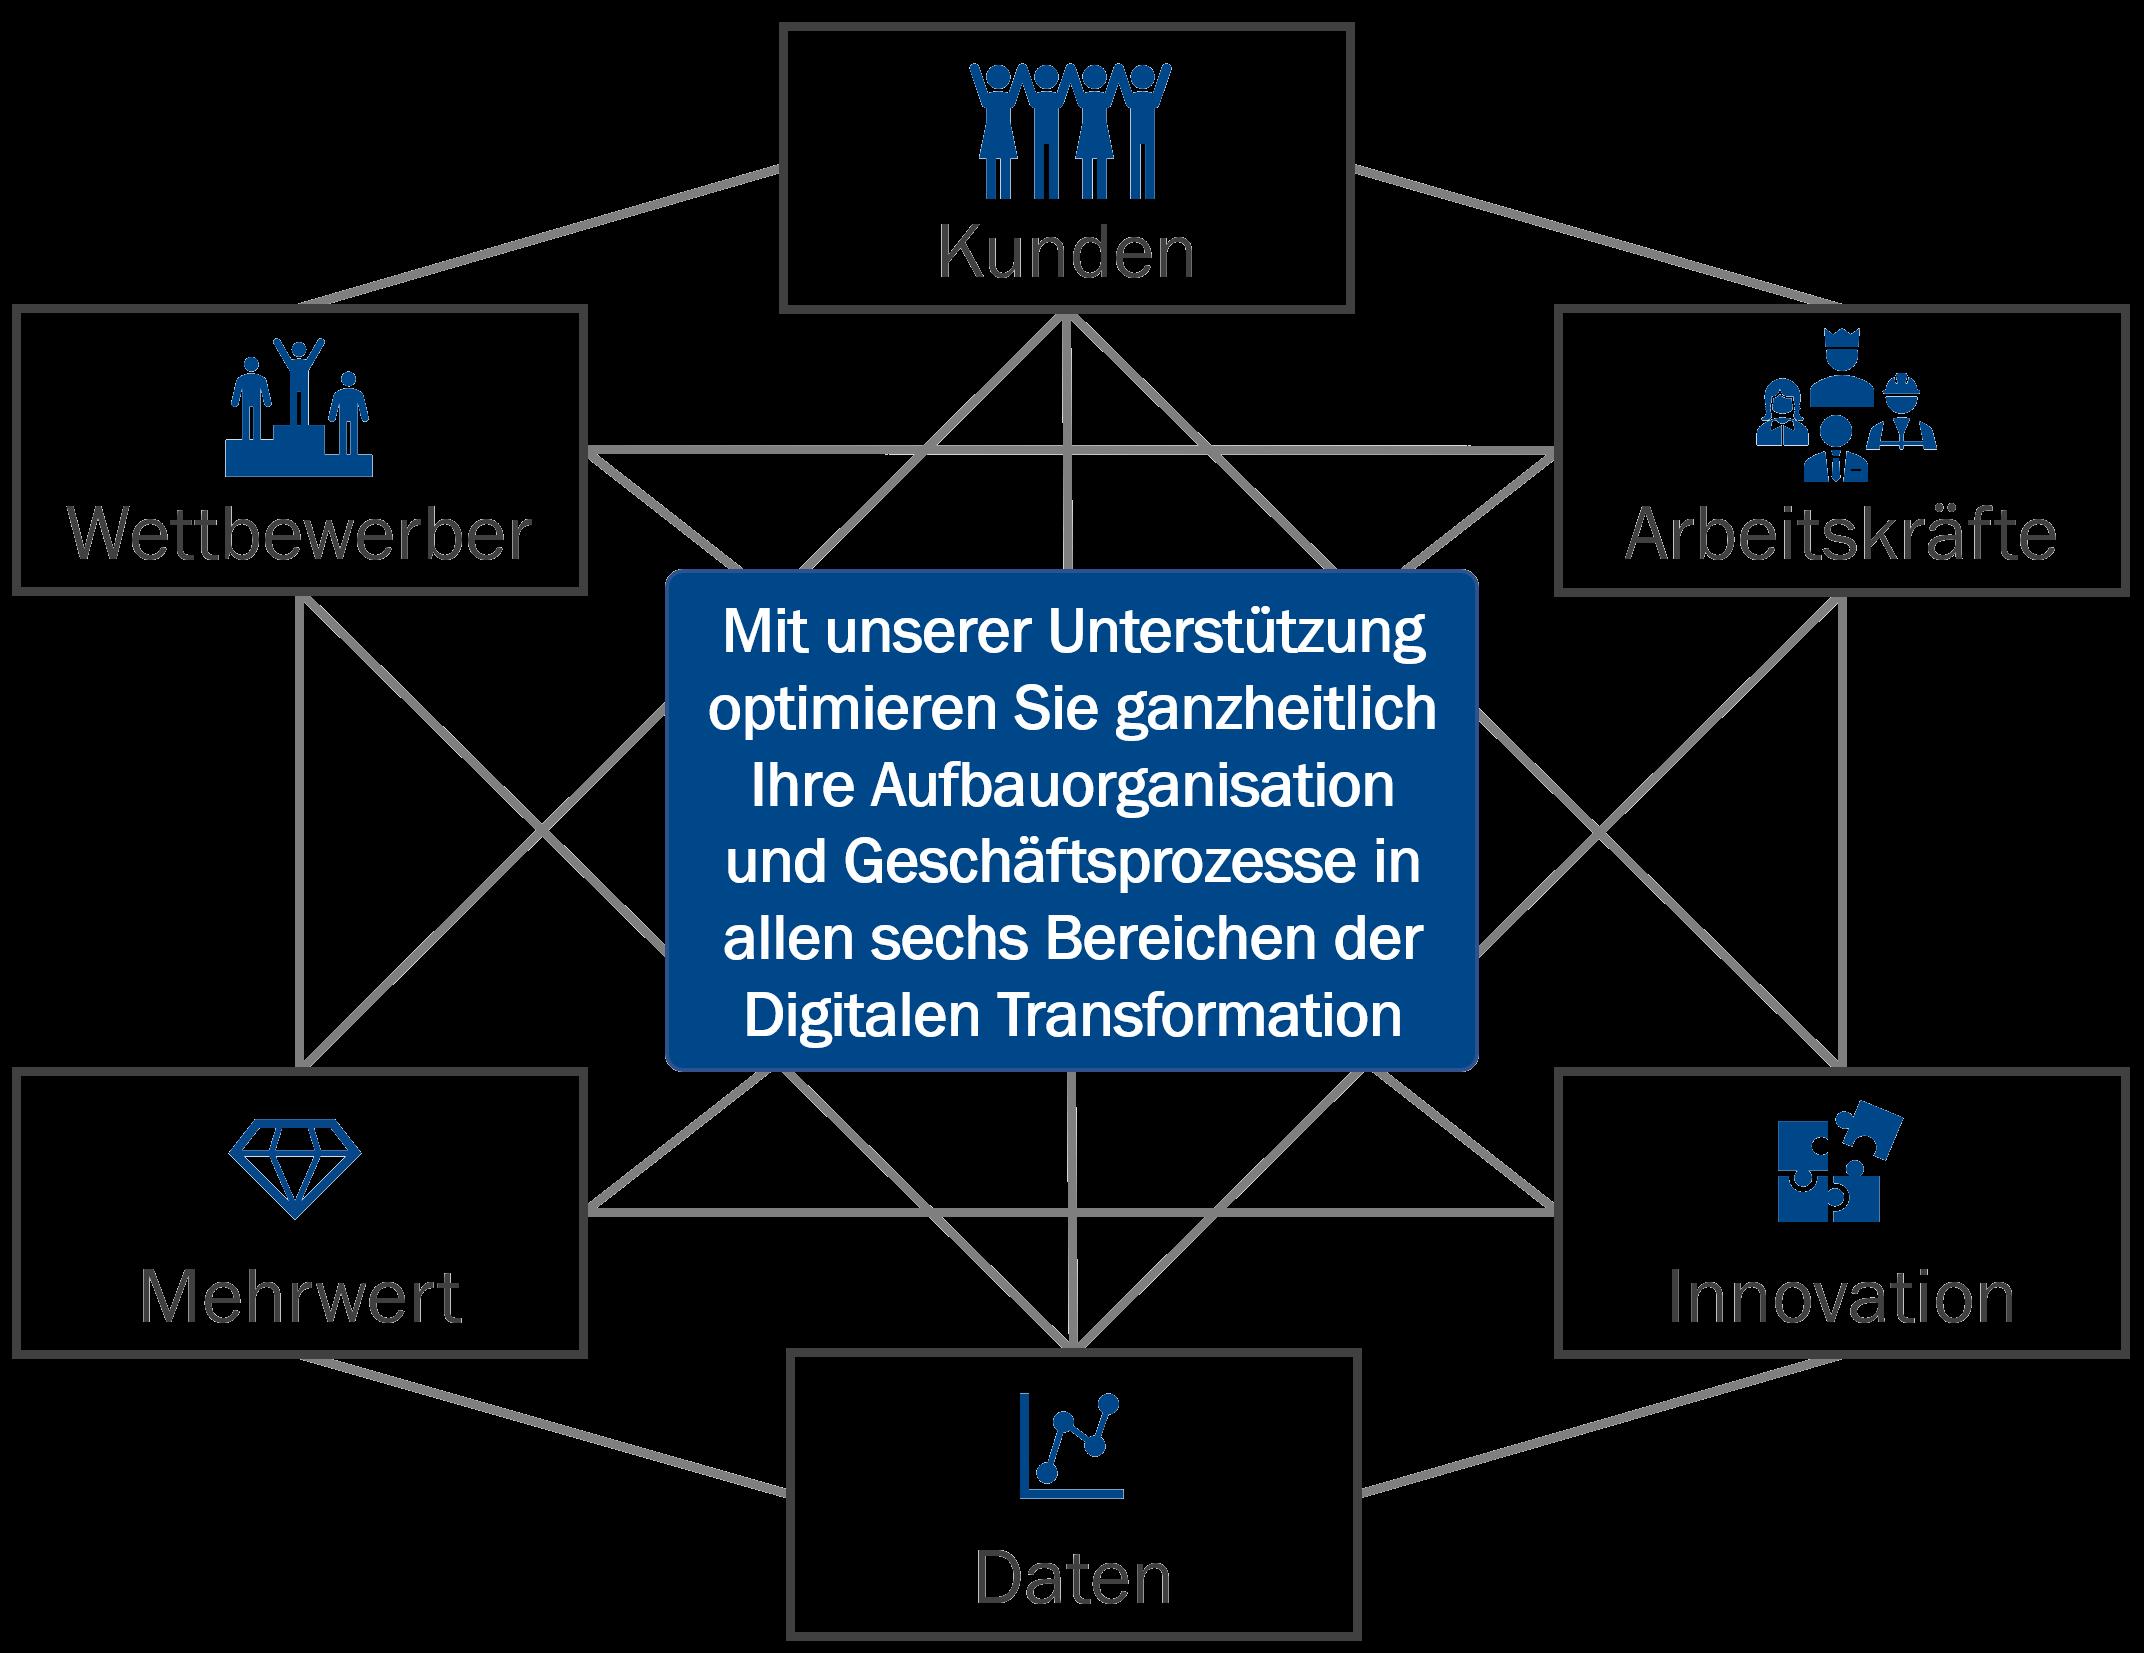 Die sechs Bereiche der digitalen Transformation